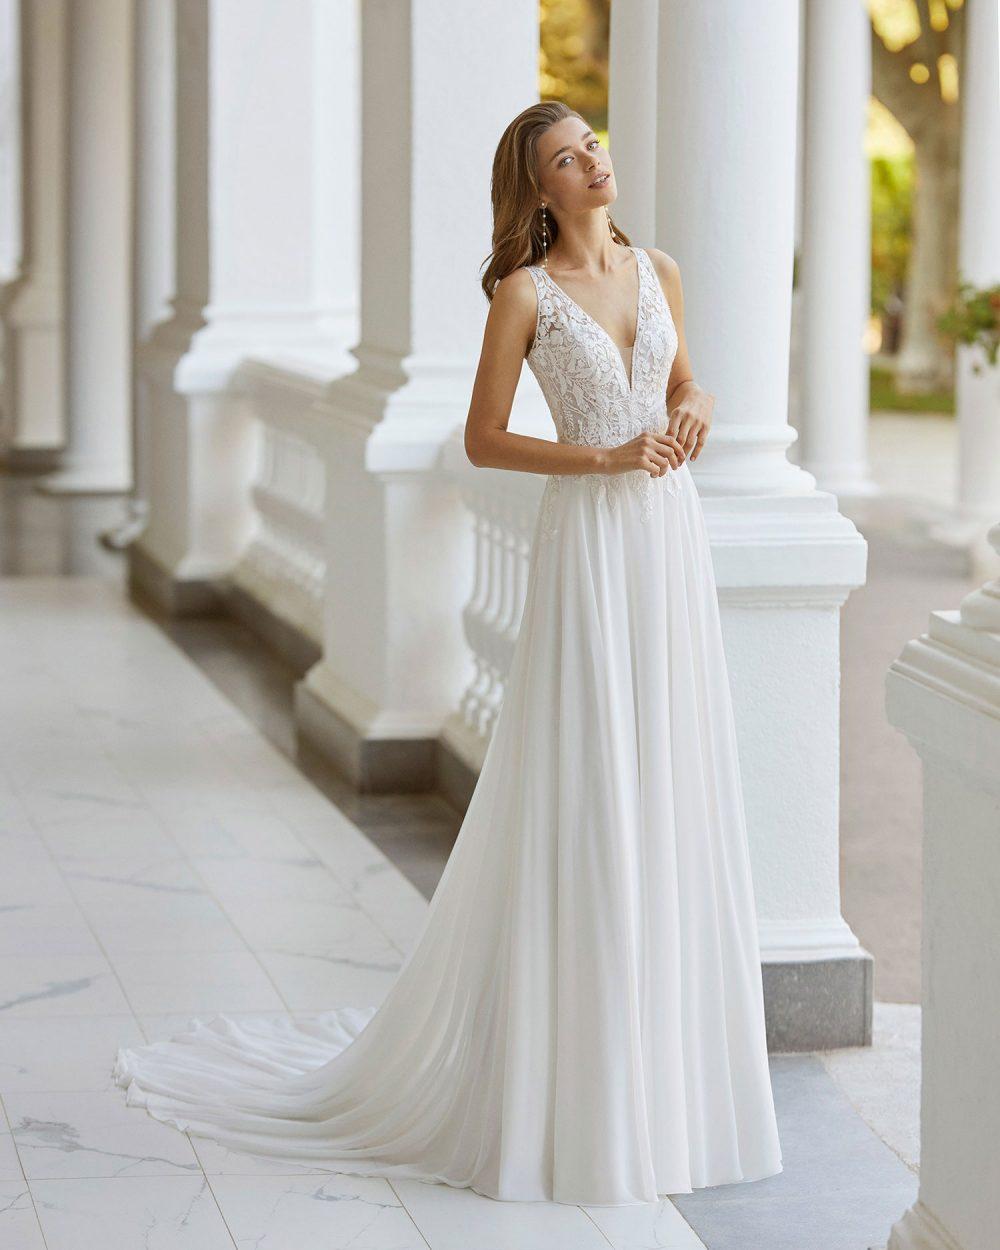 Rosa Clarà 2022 abito vestito sposa Vicenza SAINA